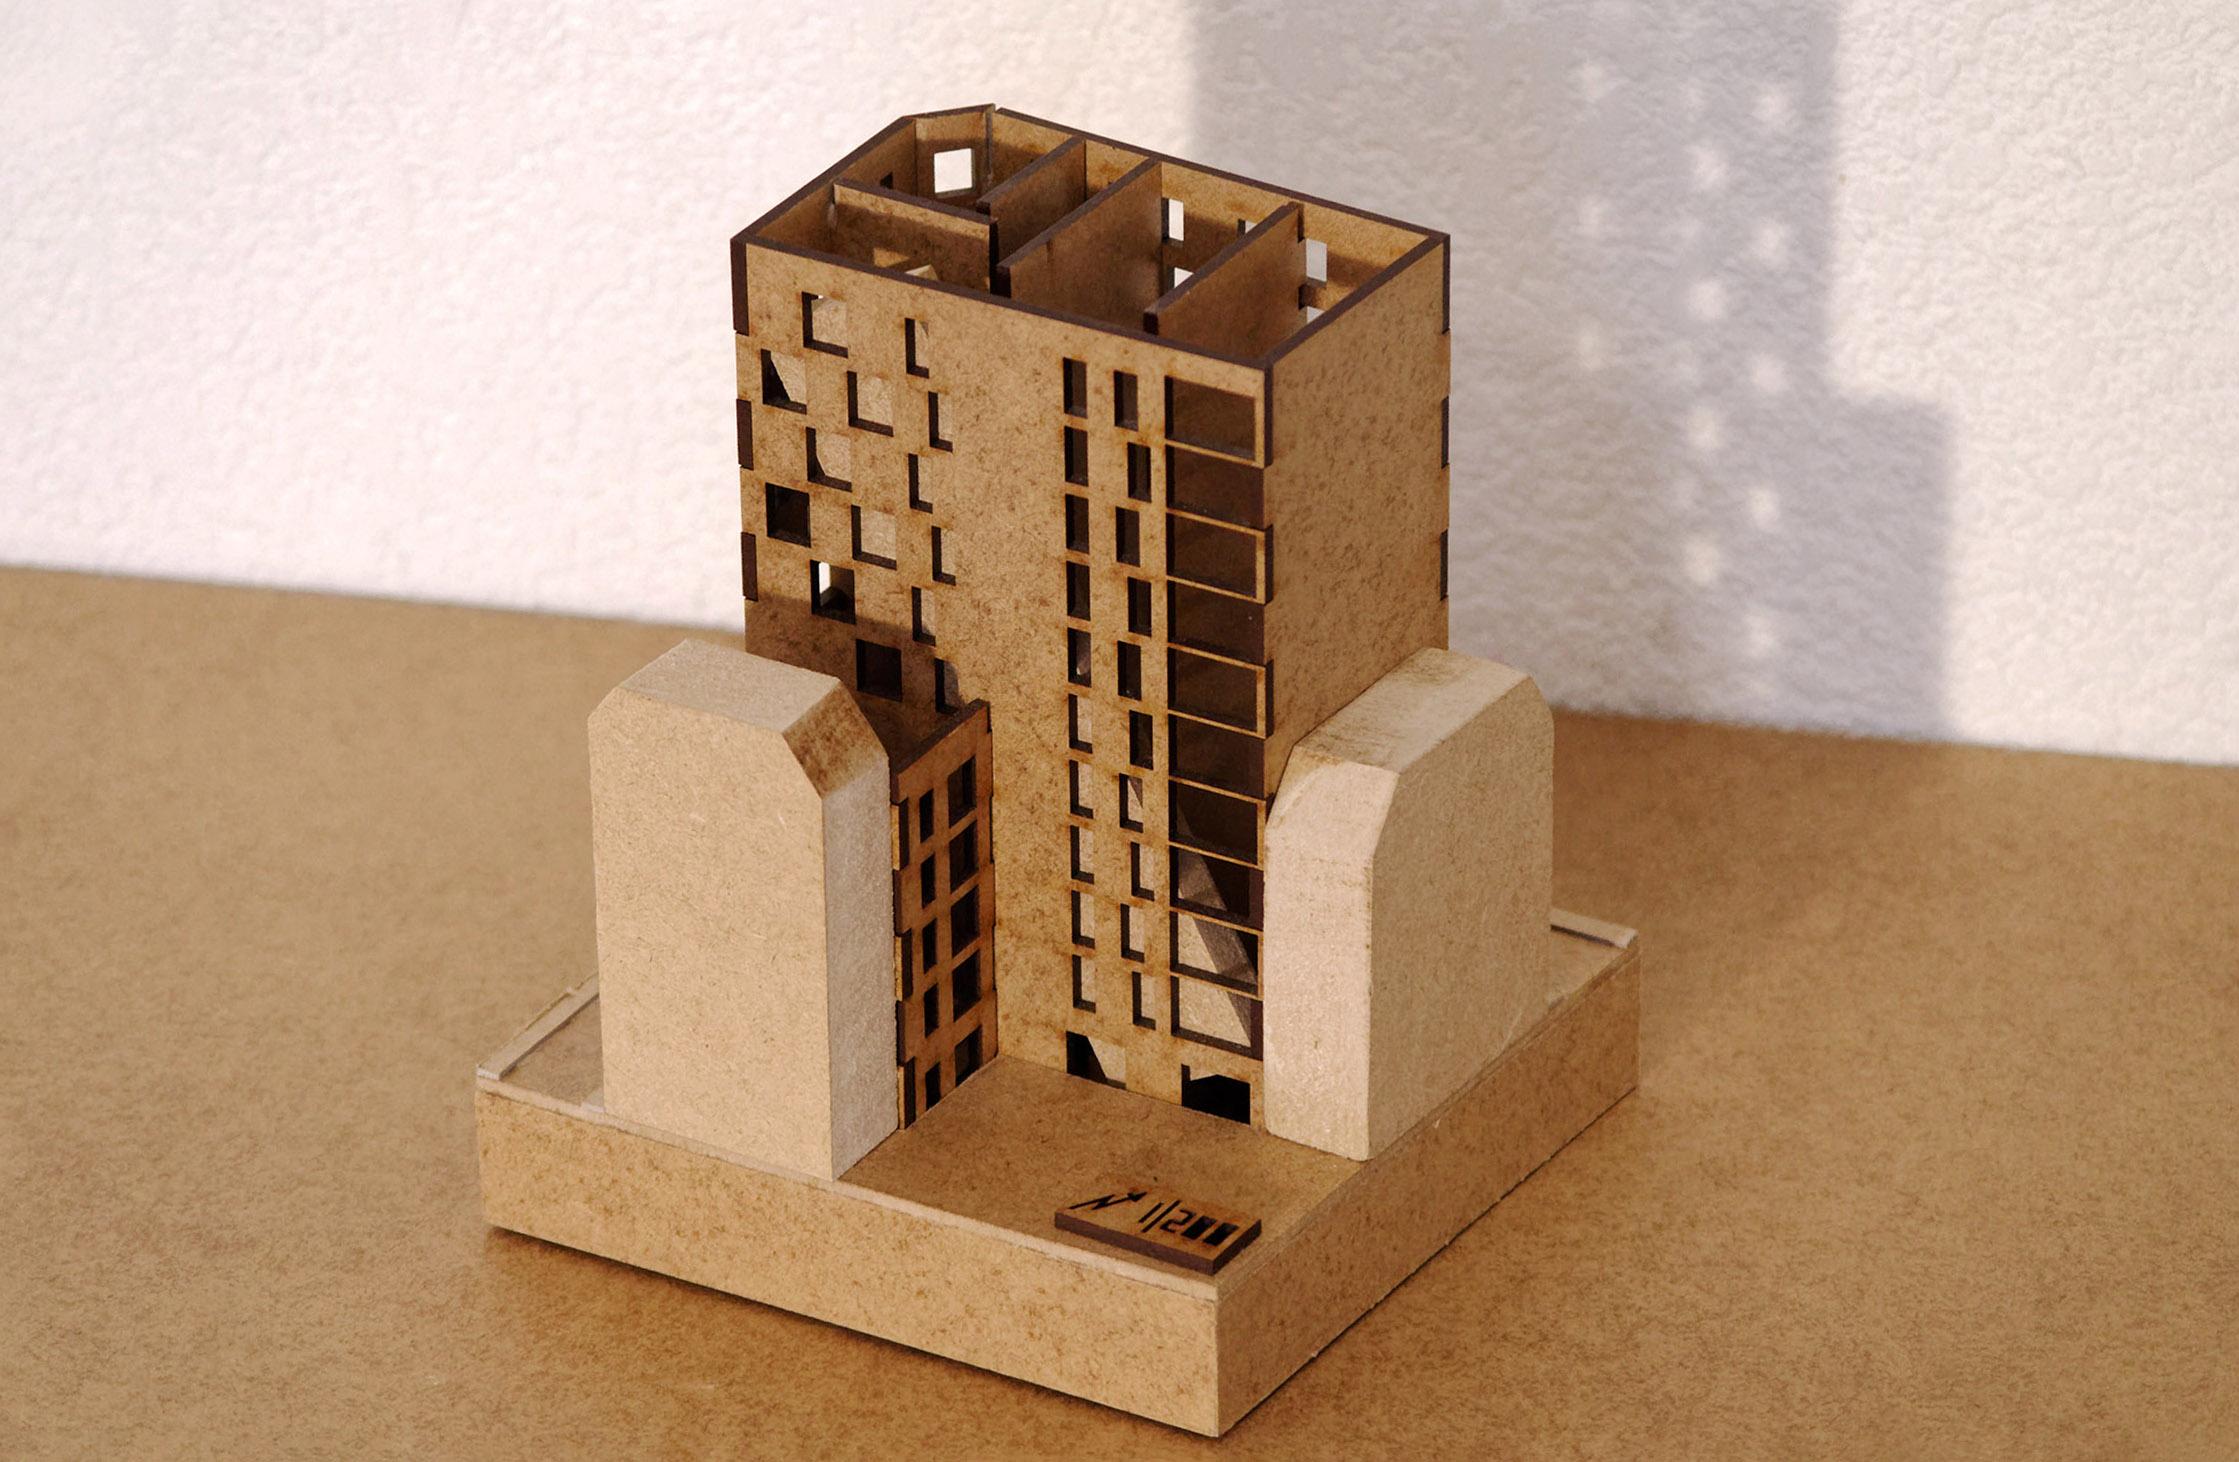 maquette structurelle